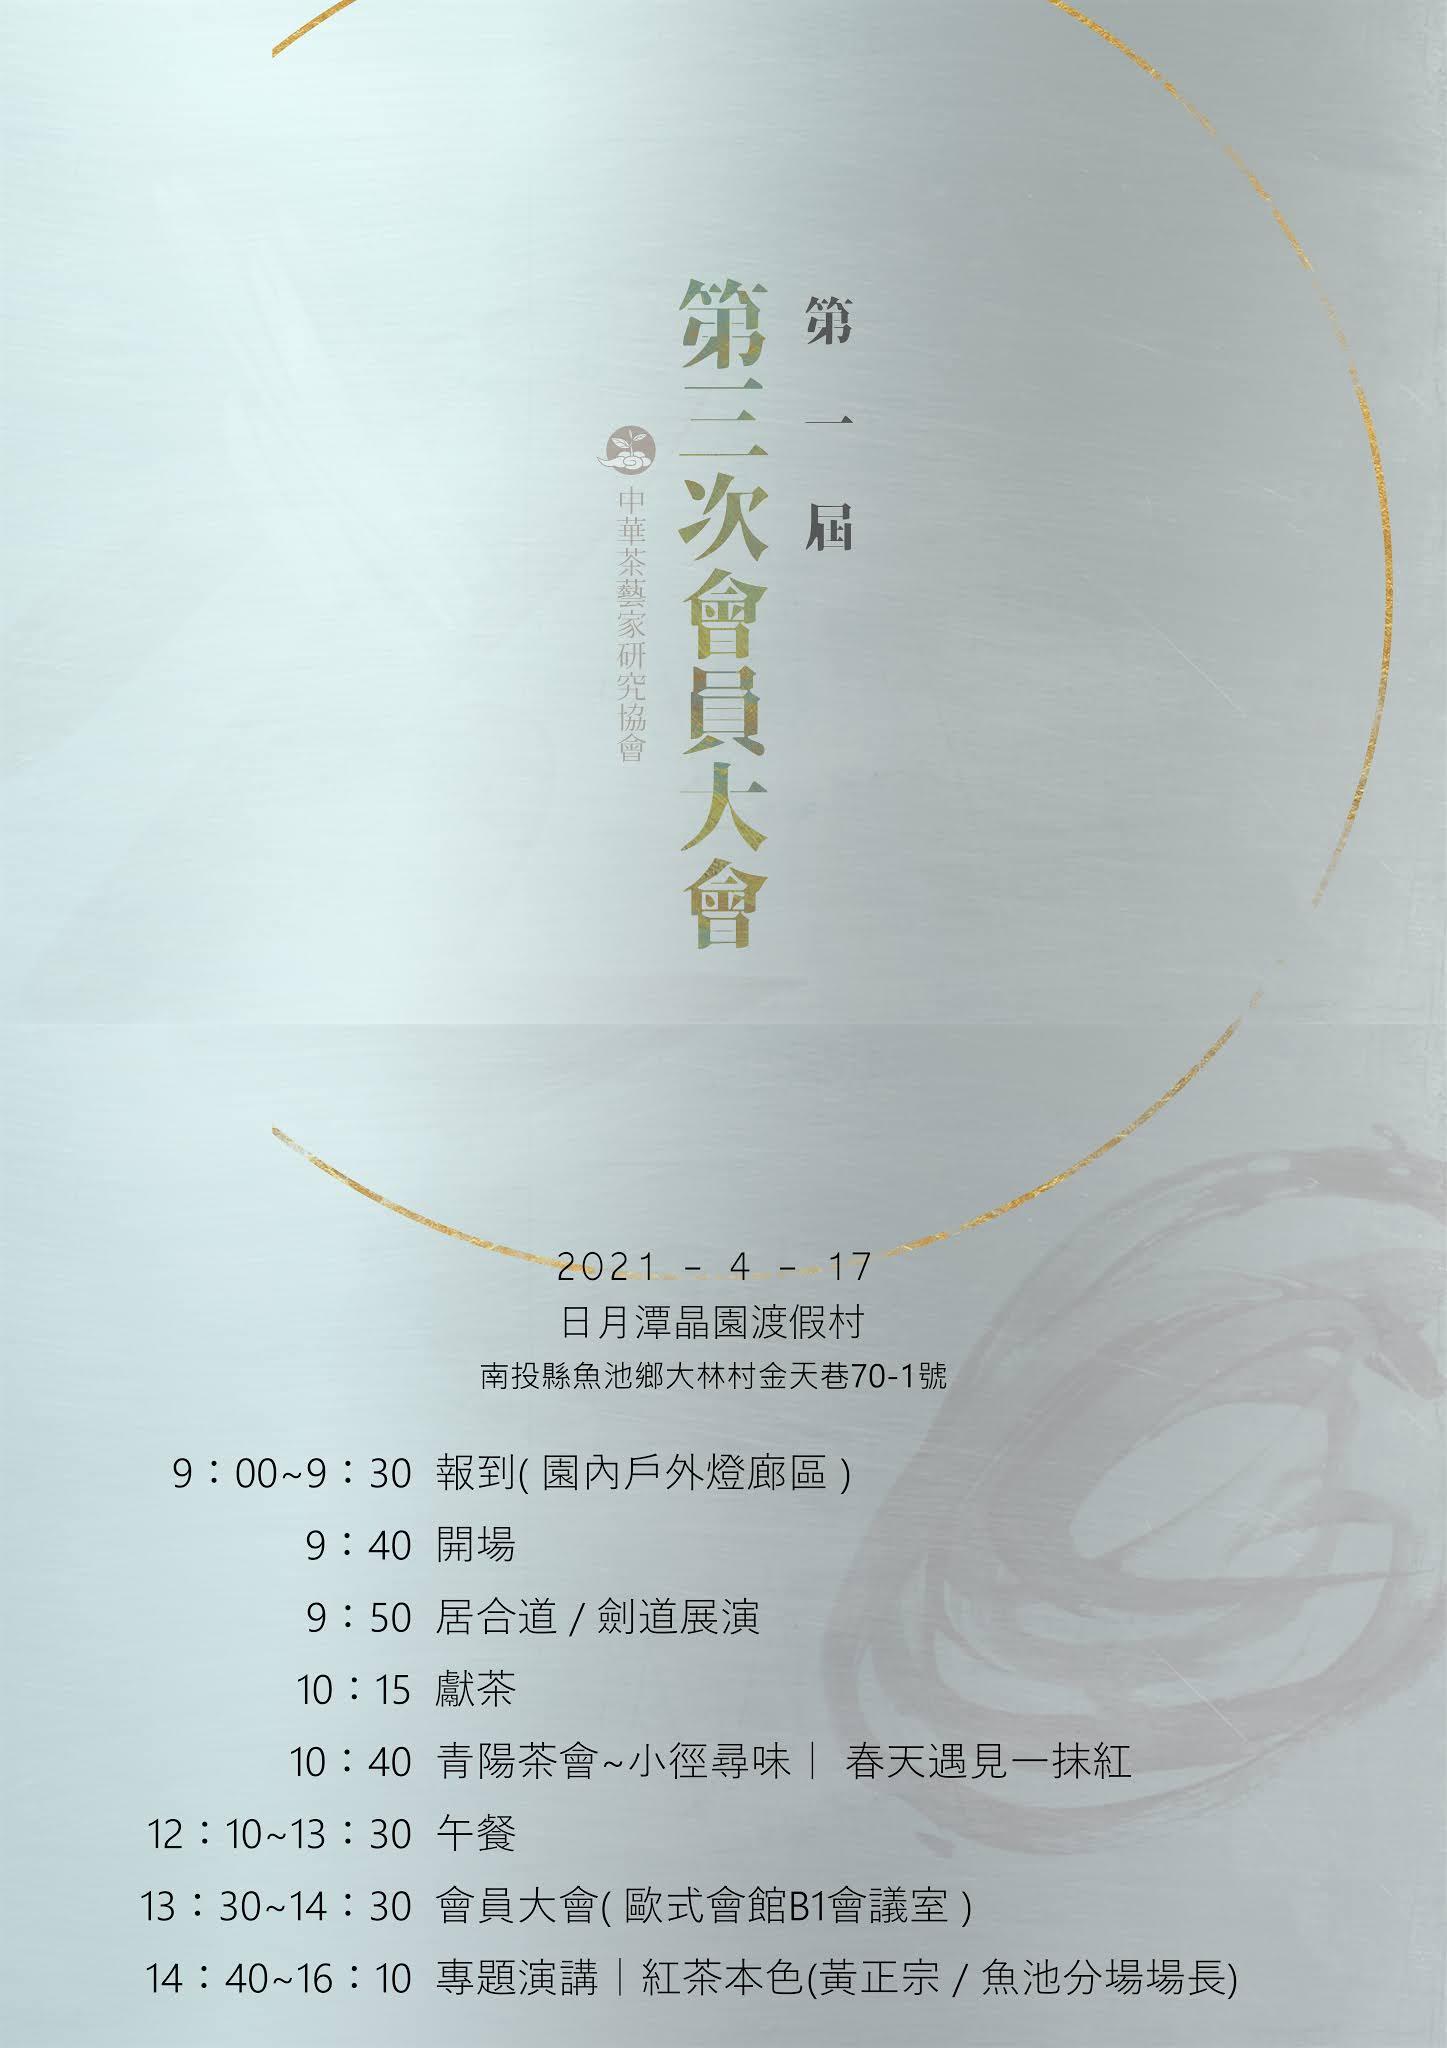 中華茶藝家研究協會